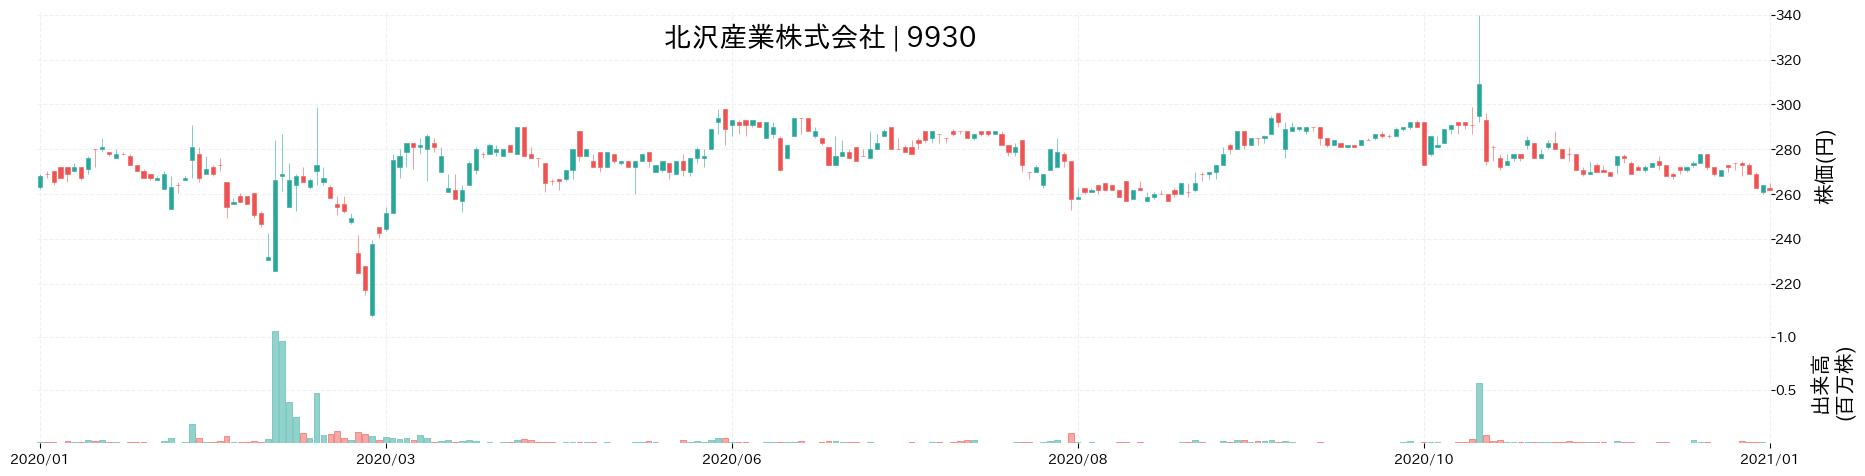 北沢産業株式会社の株価推移(2020)